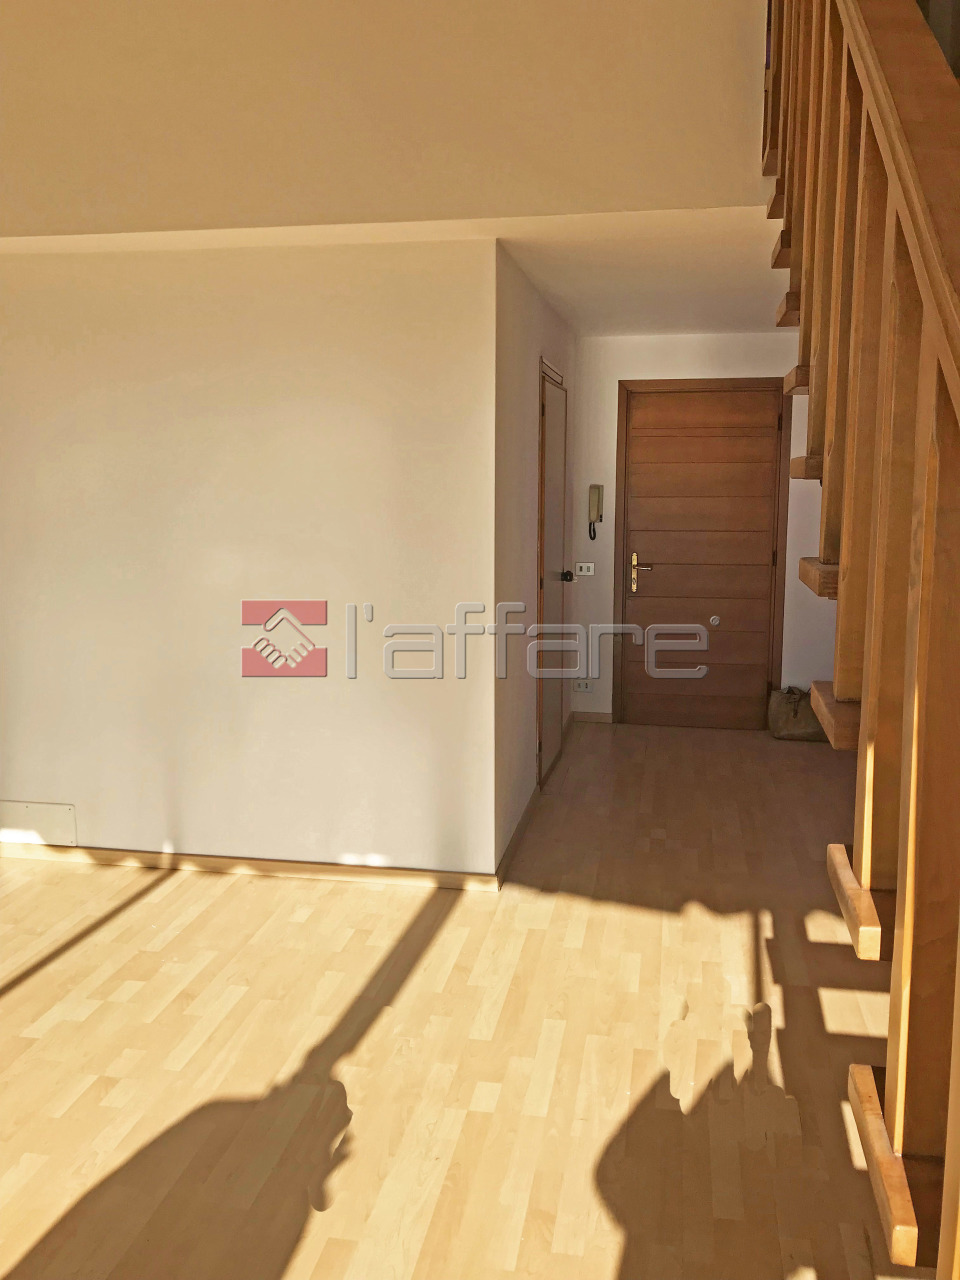 Ufficio in affitto residenziale - Montecatini-Terme